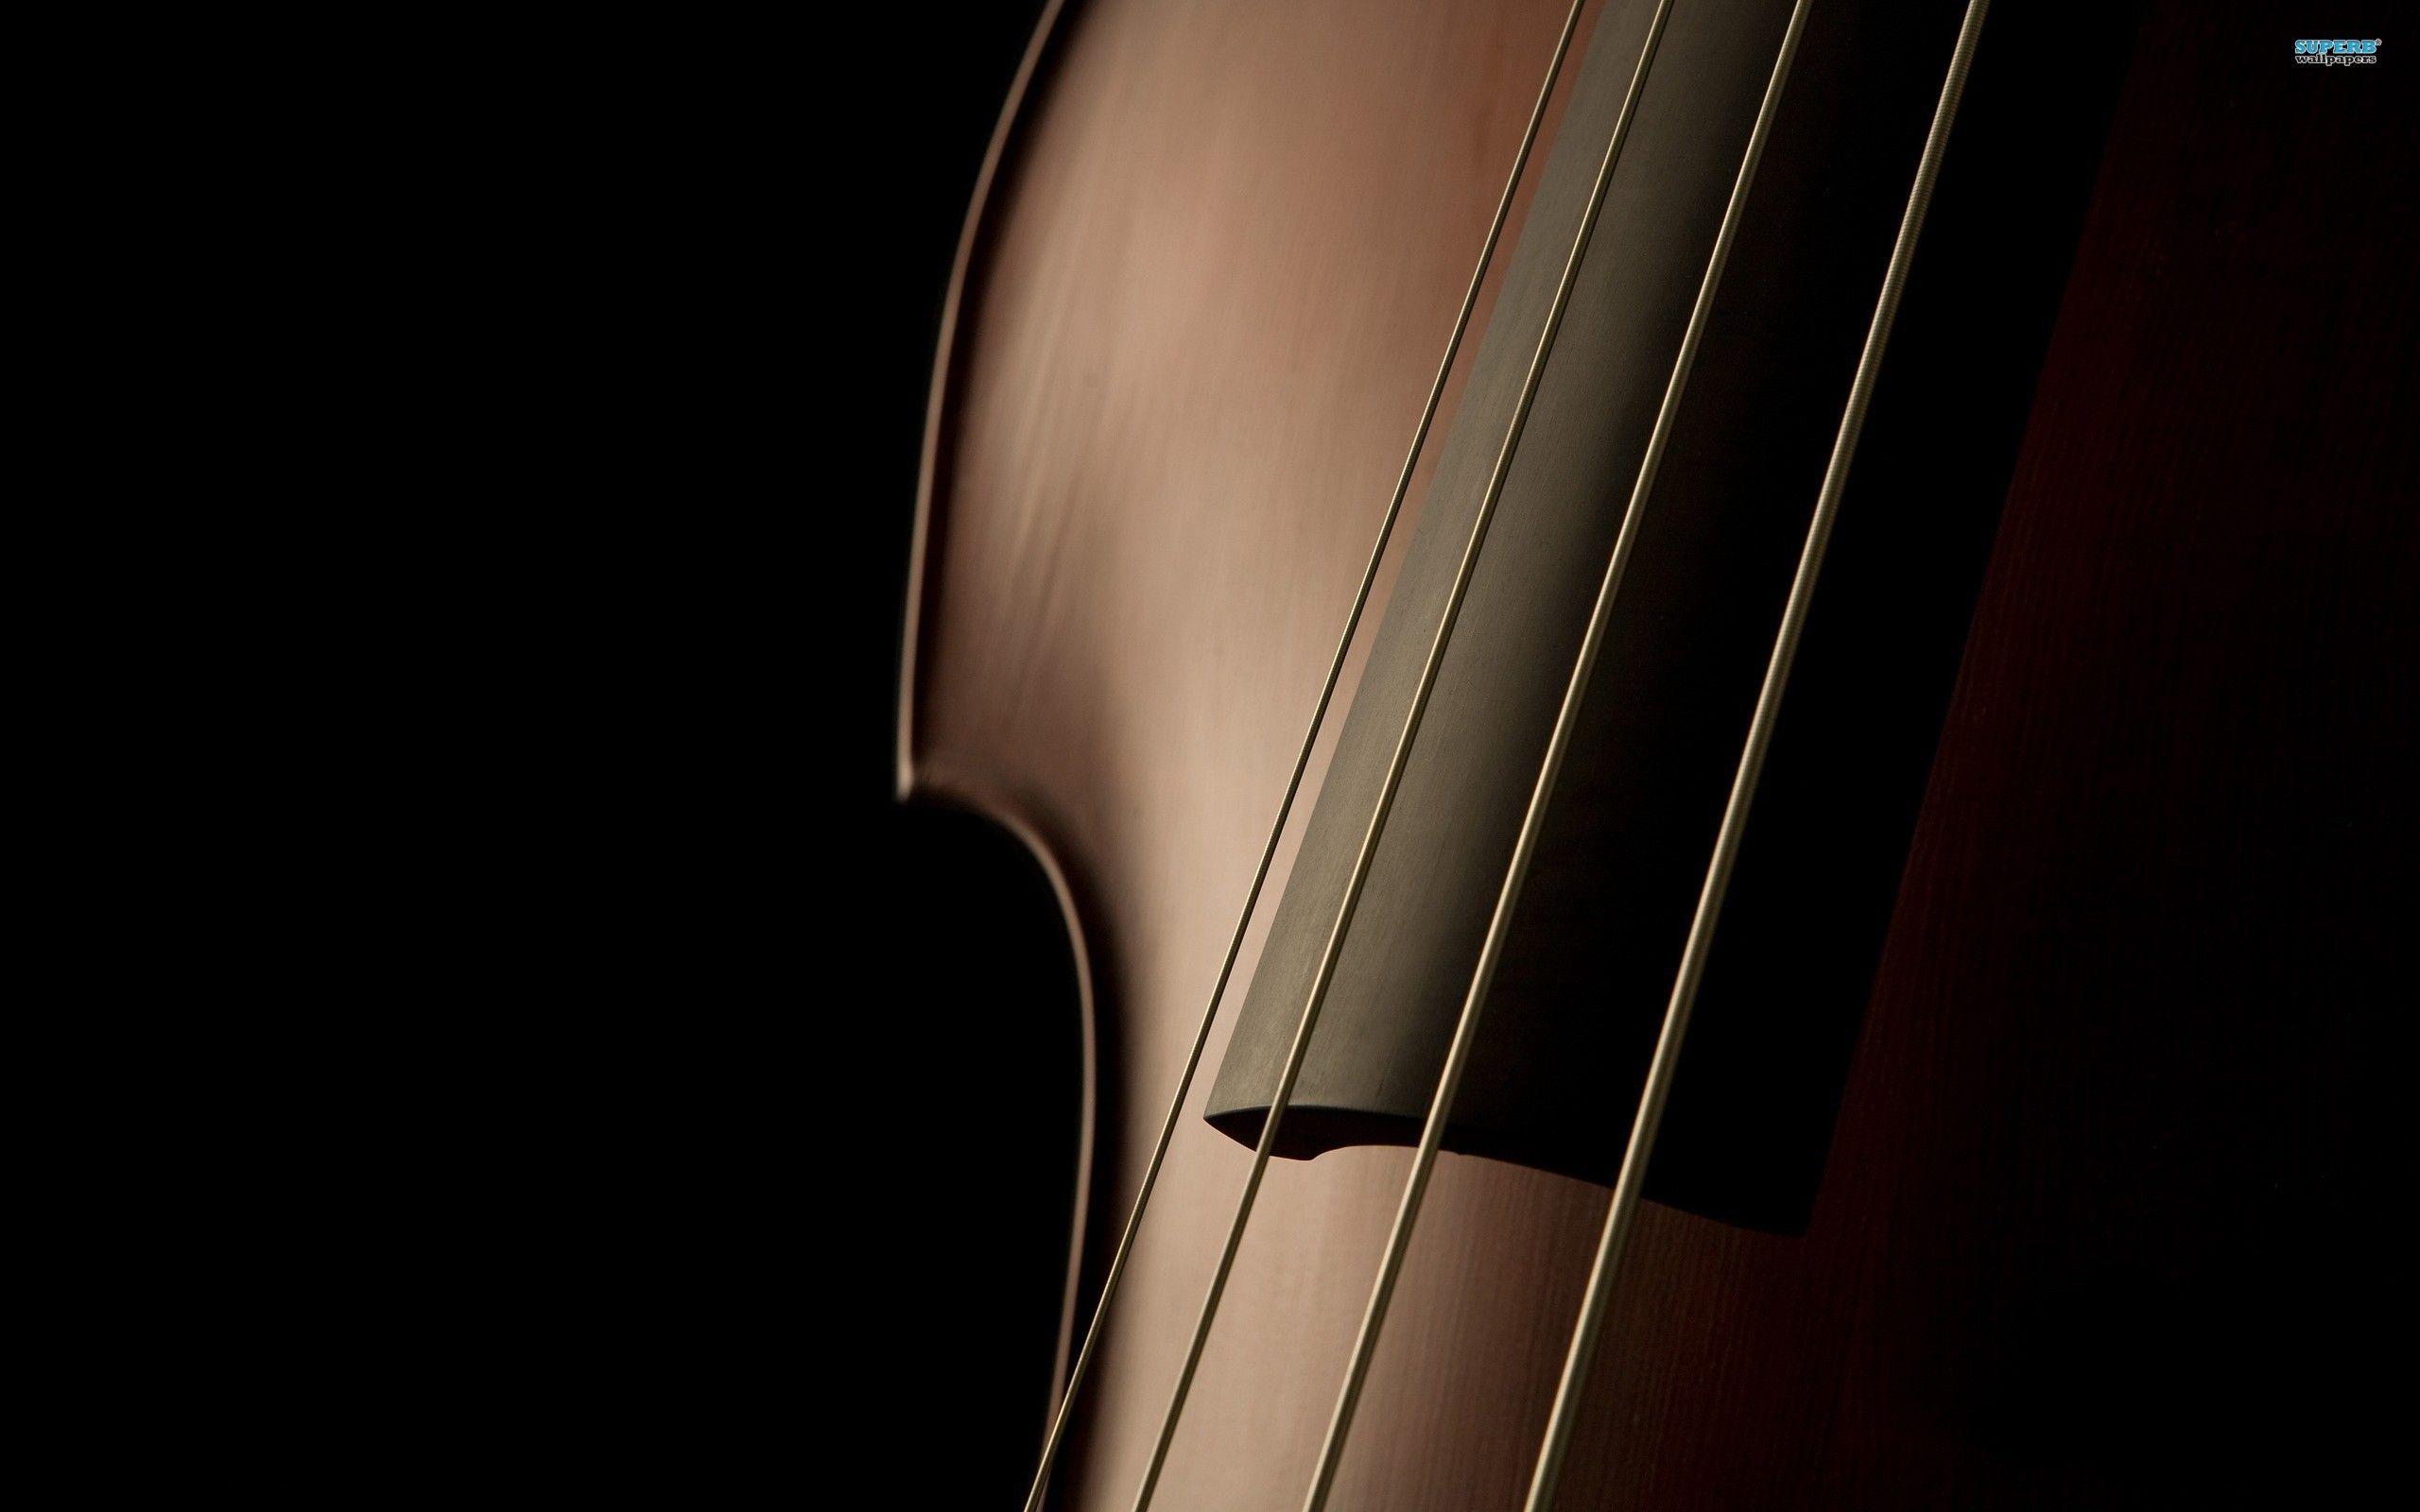 Cello Artistic Wallpapers Artistic Wallpaper Cello Violin